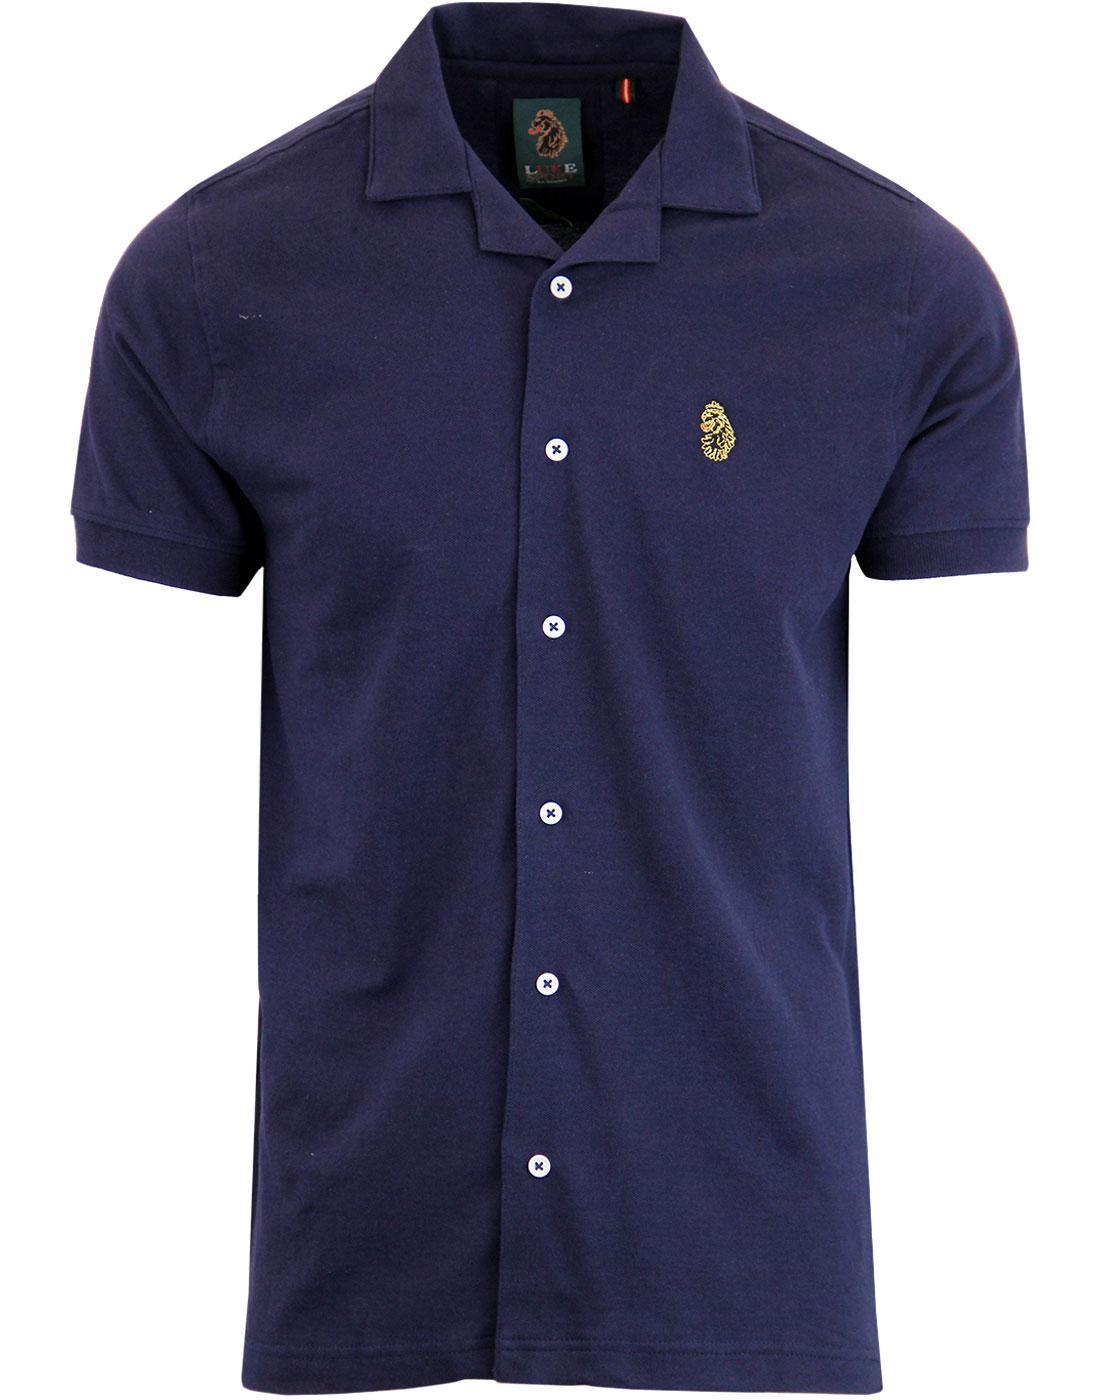 Barratt LUKE Retro 60's Cuban Collar Pique Shirt